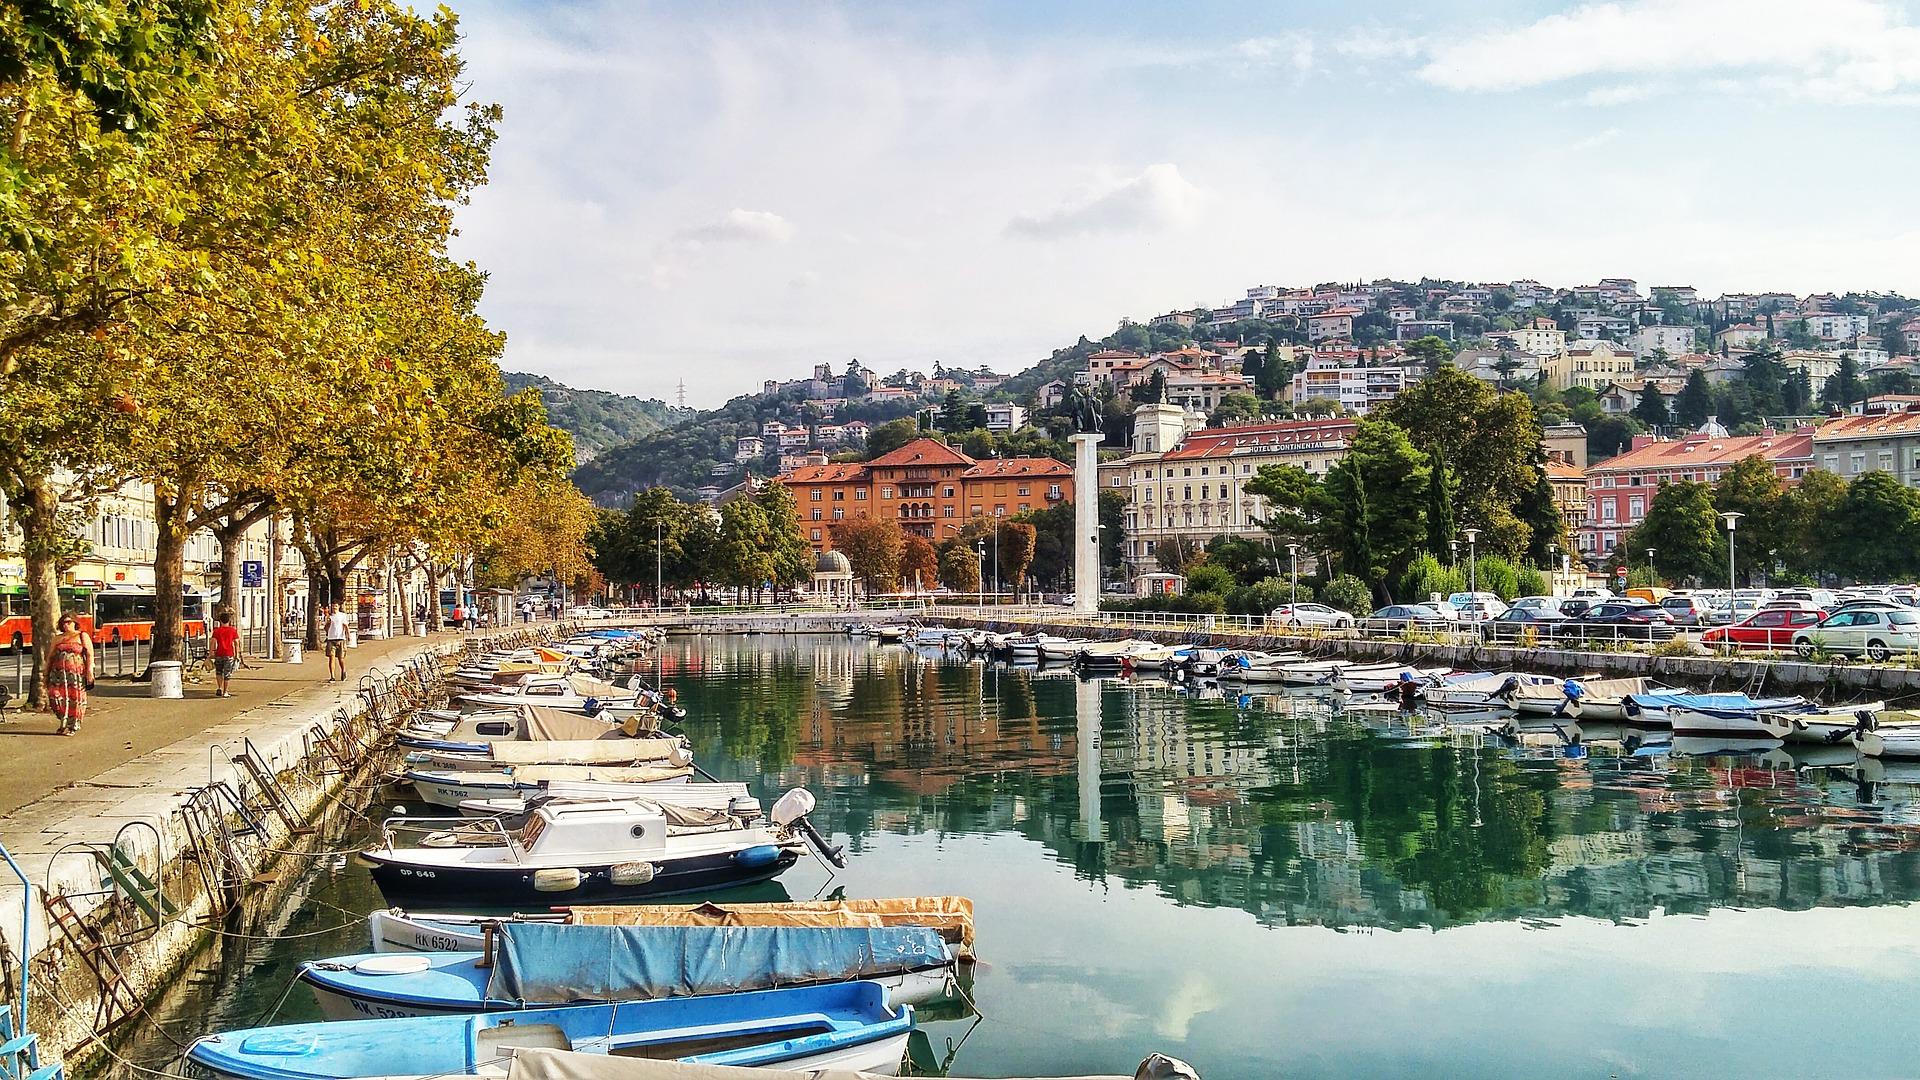 🏰 Культурна столиця Європи: як мистецтво дає містам нове життя